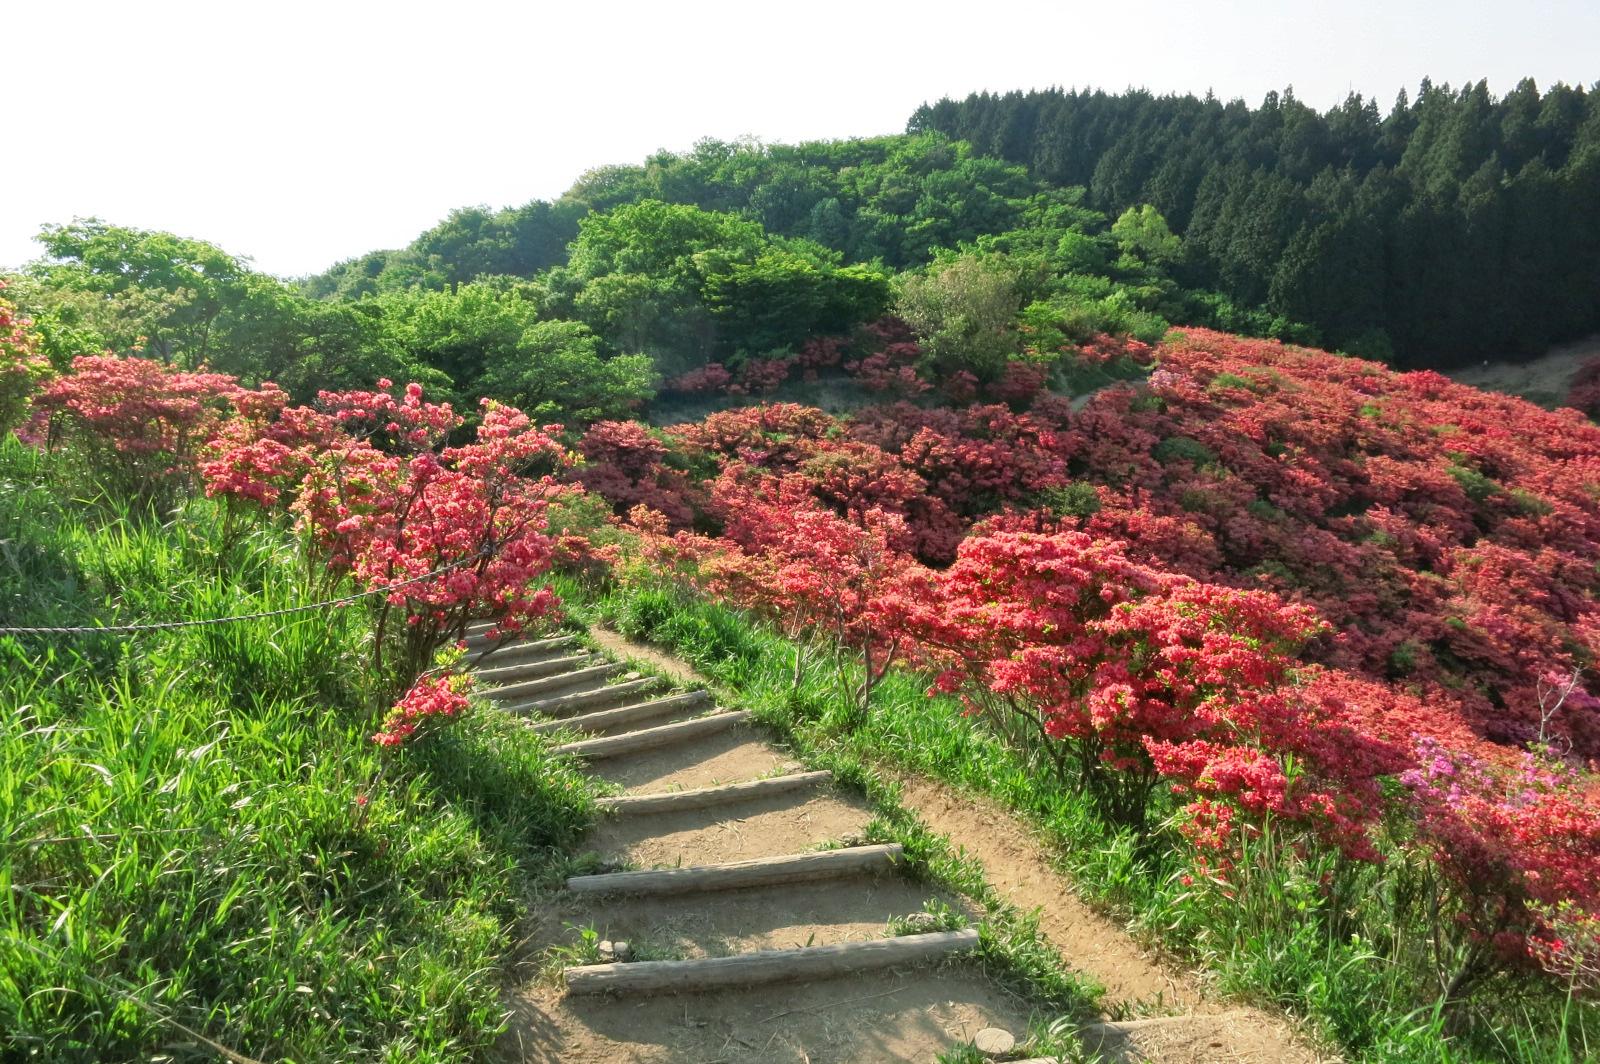 展望所から花畑を散策できるよう整備されていますので、ぜひお楽しみください。